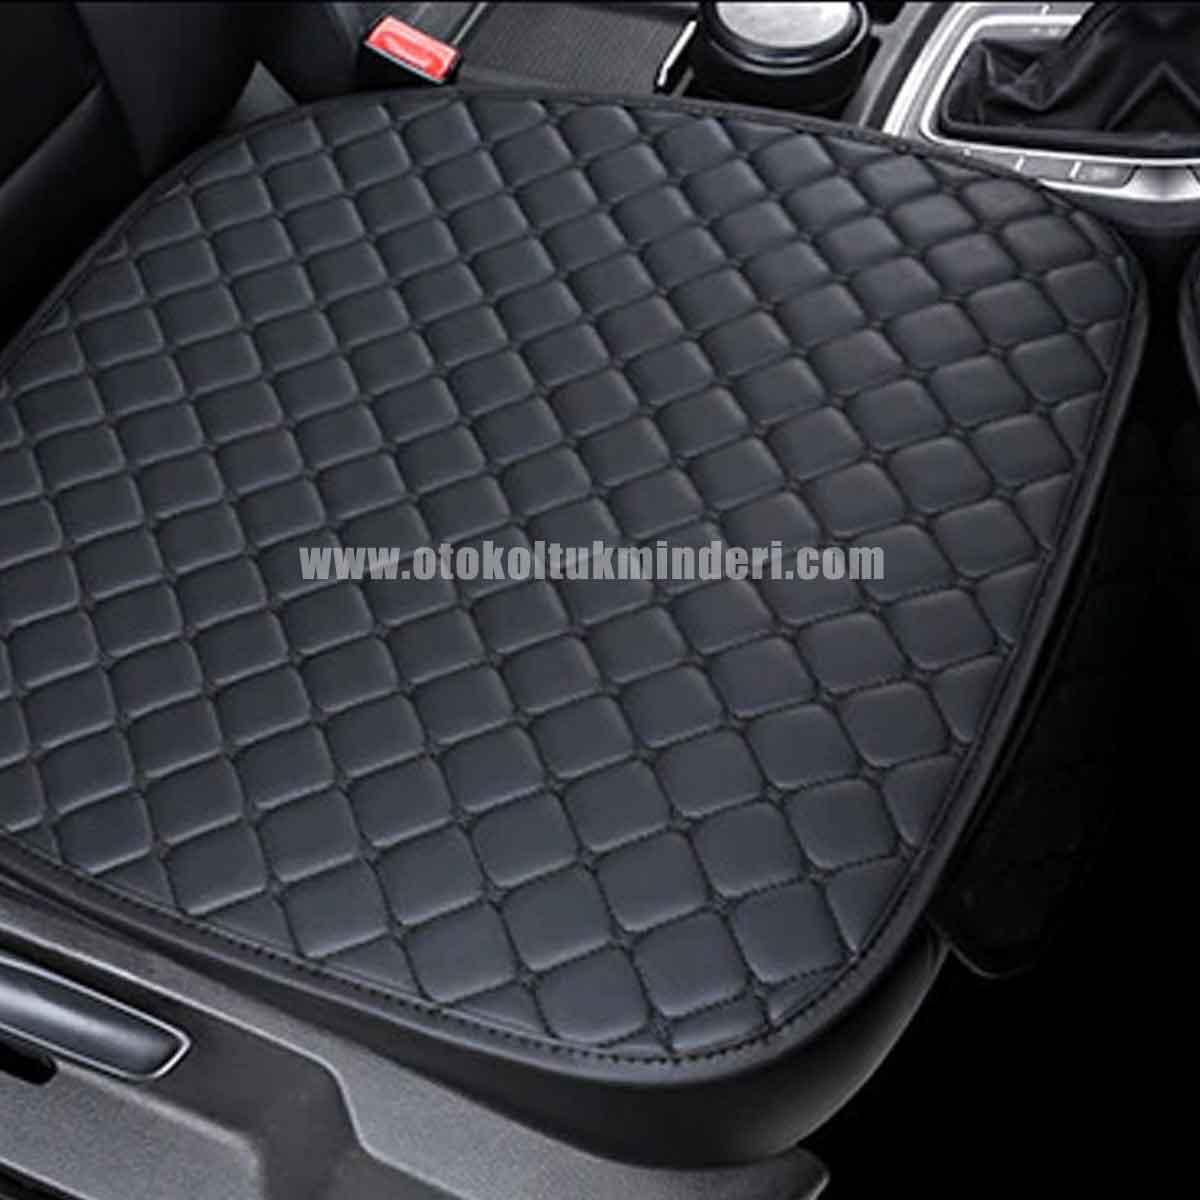 Ford oto koltuk kılıfı